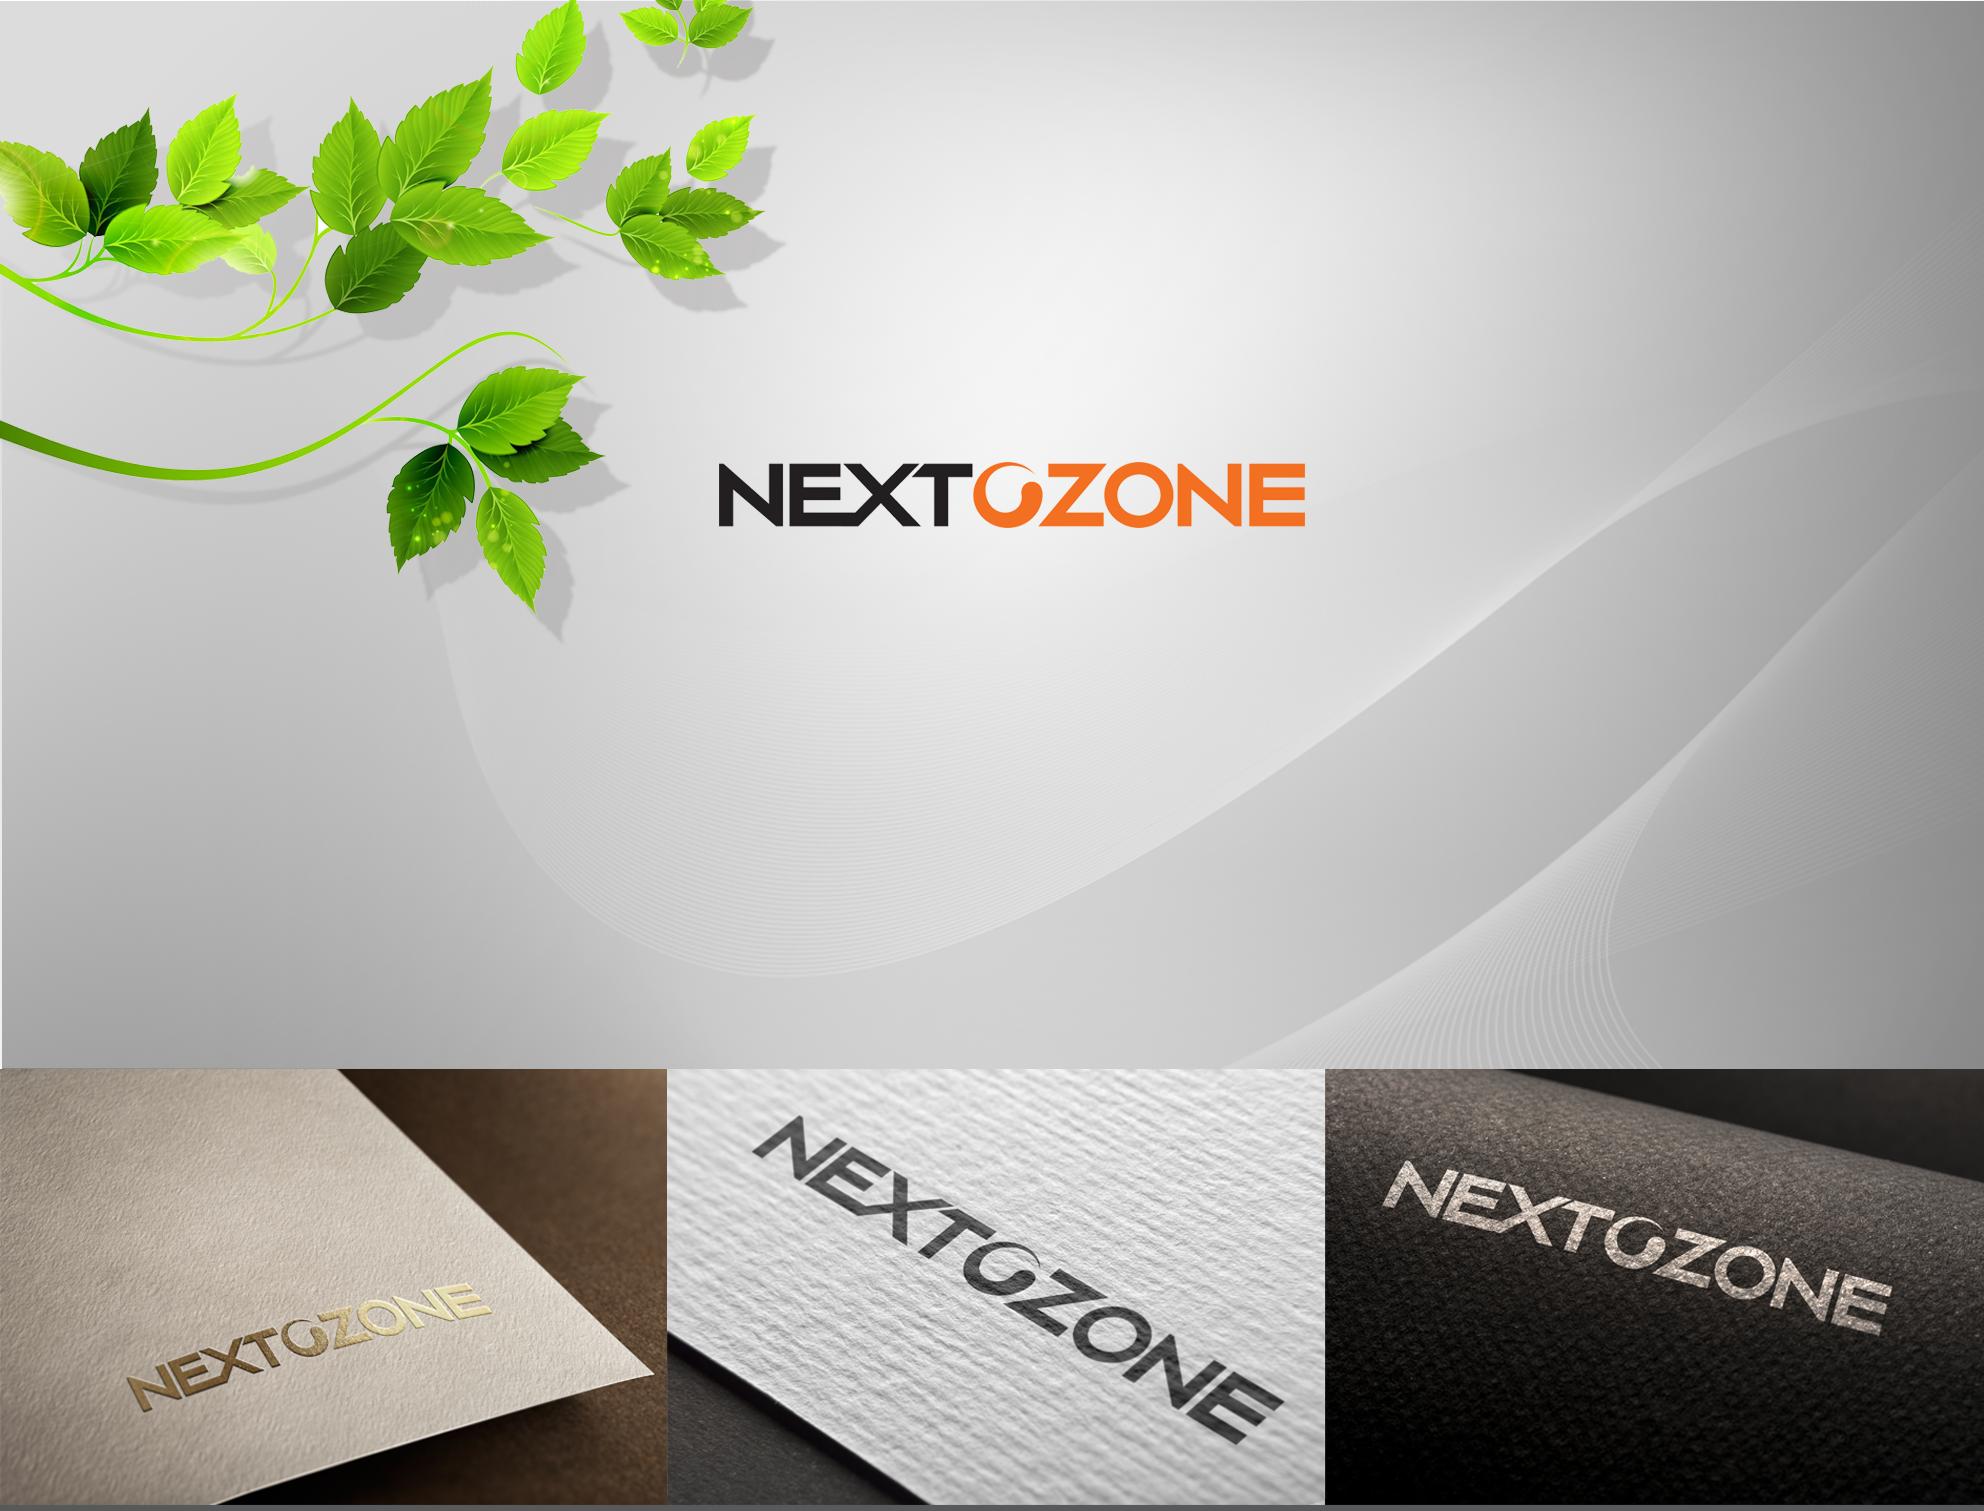 Thiết kế logo doanh nghiệp tại Hà Nội